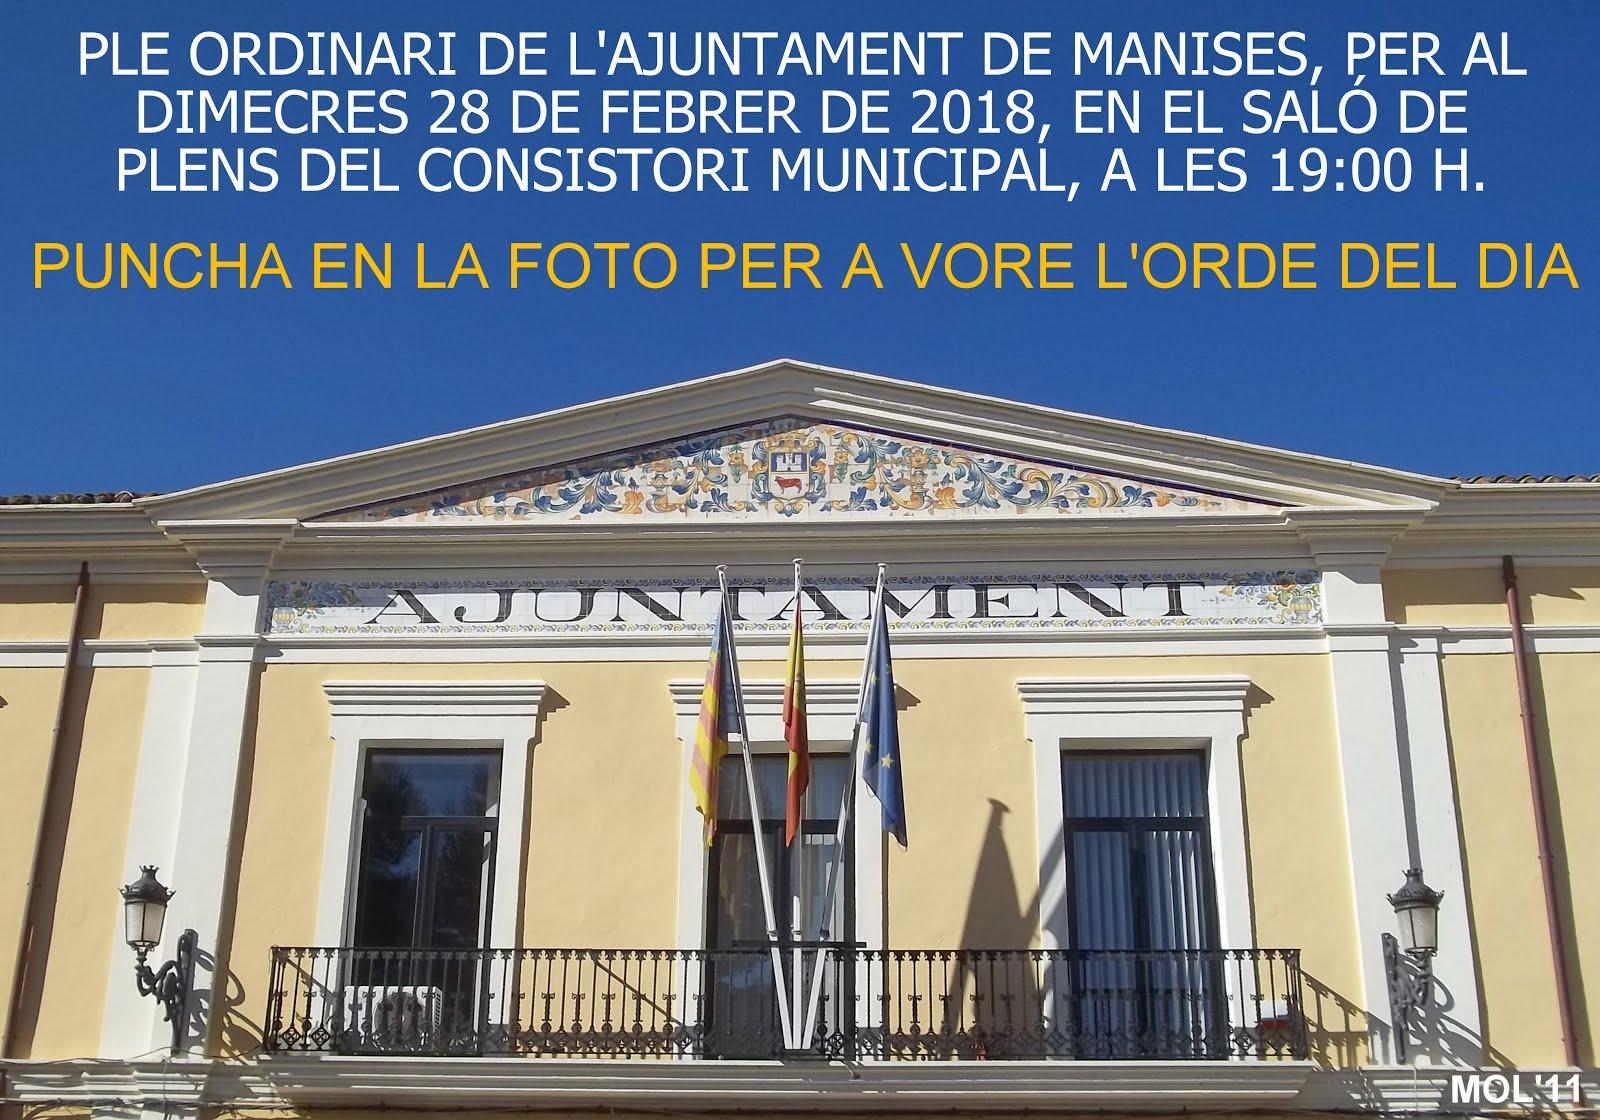 28.02.18 PLE ORDINARO DE L'AJUNTAMENT DE MANISES, DEL MES DE FEBRER DE 2018